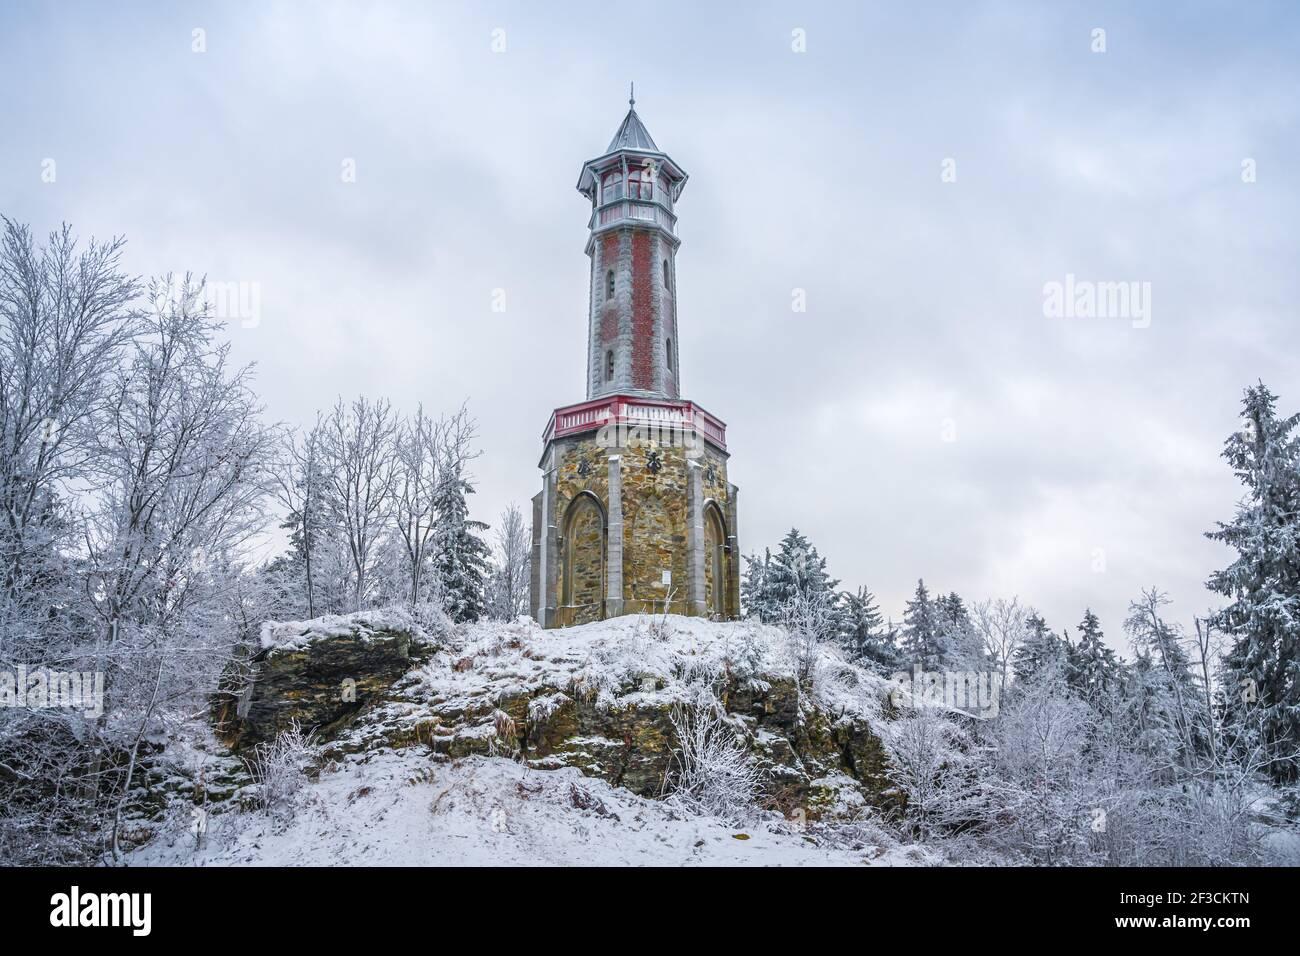 Tour Stepanka, à la frontière des montagnes Krkonose et Jizera. Jour couvert d'hiver, ciel avec nuages, arbres couverts de neige. Banque D'Images